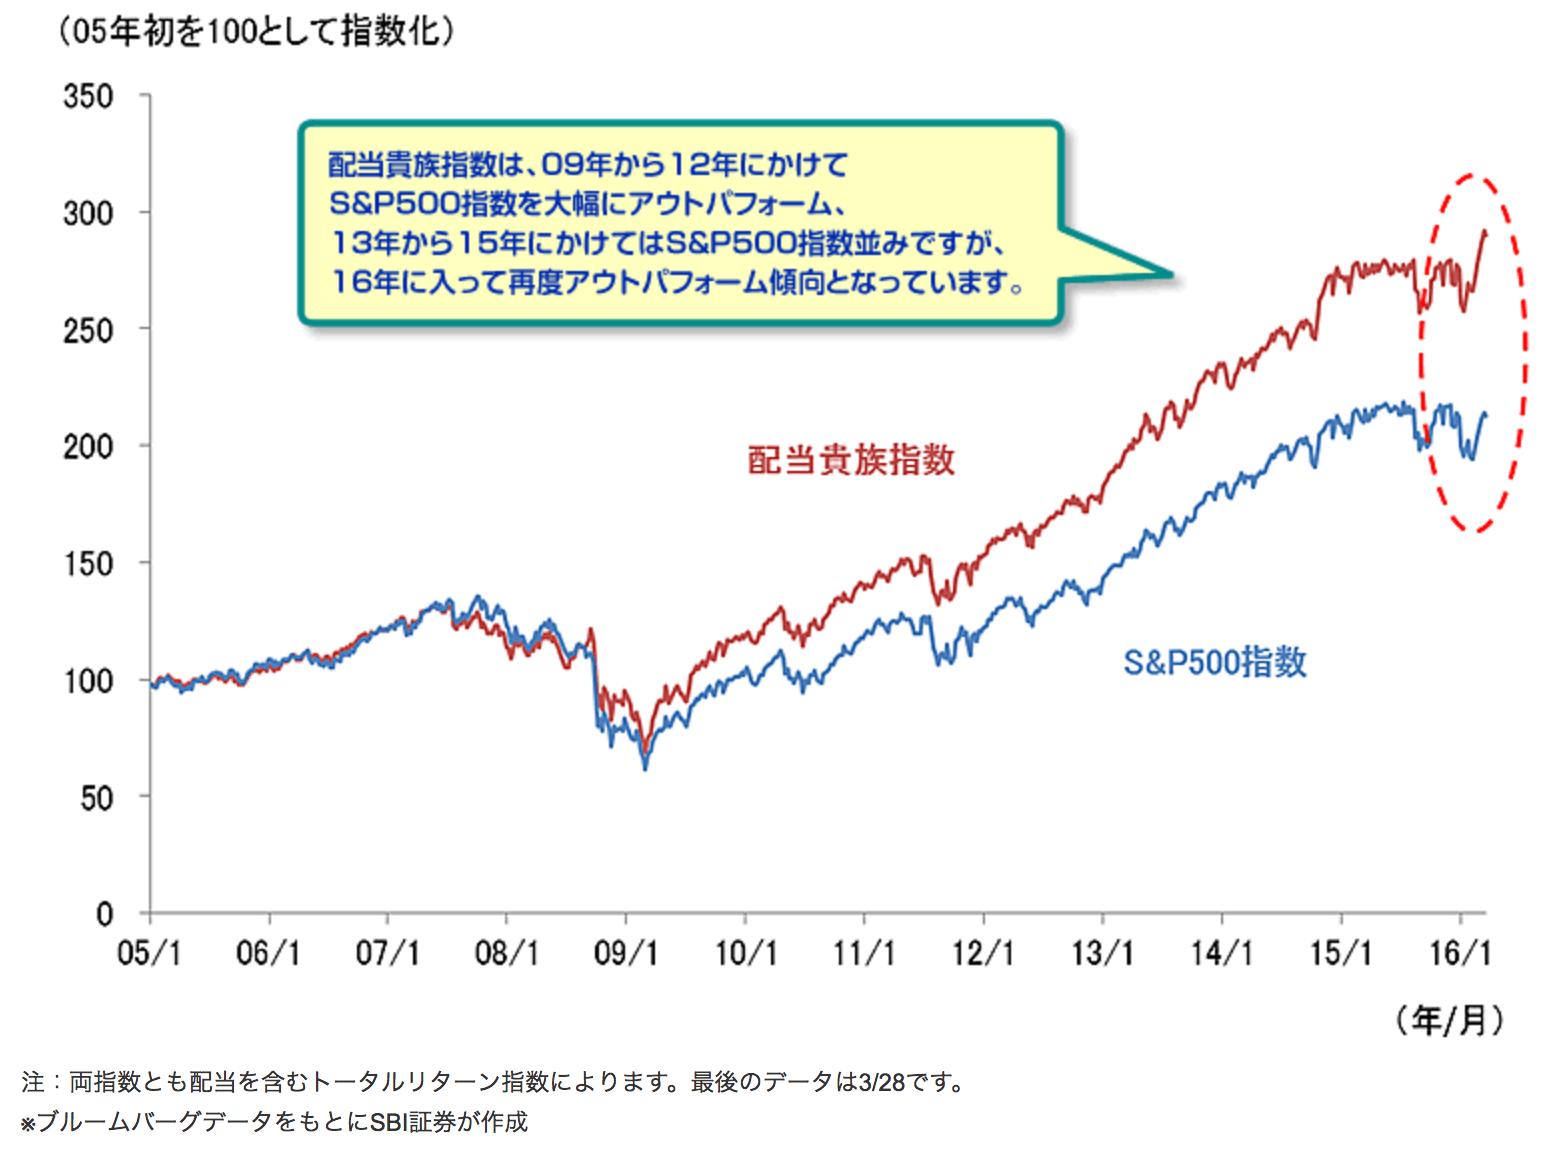 S&P500とS&P500配当貴族指数のパフォーマンス比較